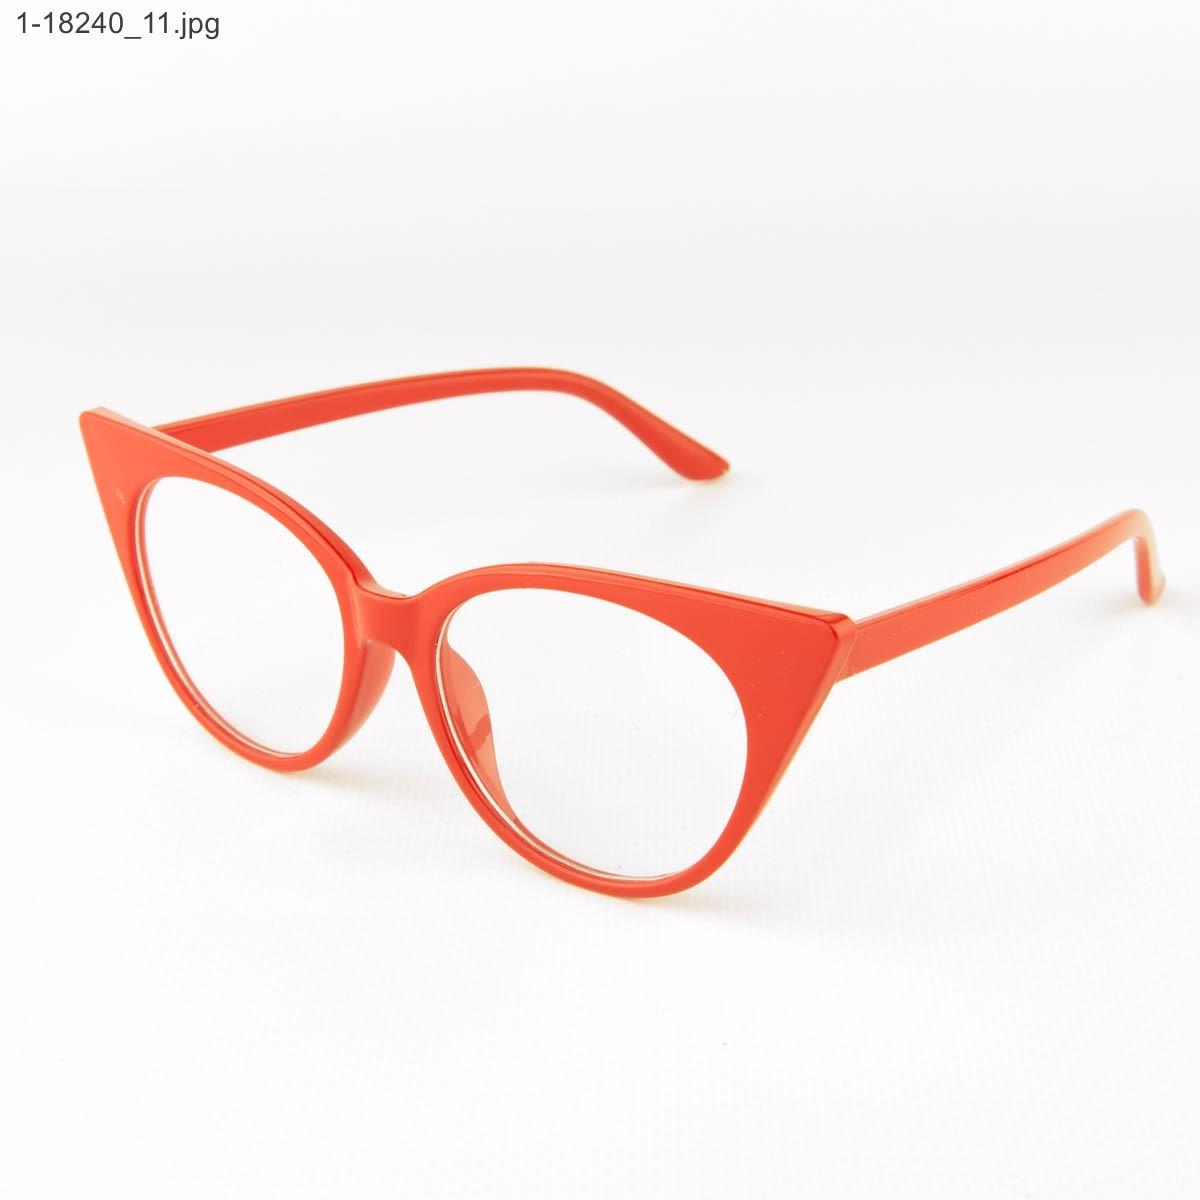 Имиджевые женские очки кошачий глаз - Красные - 1-18240